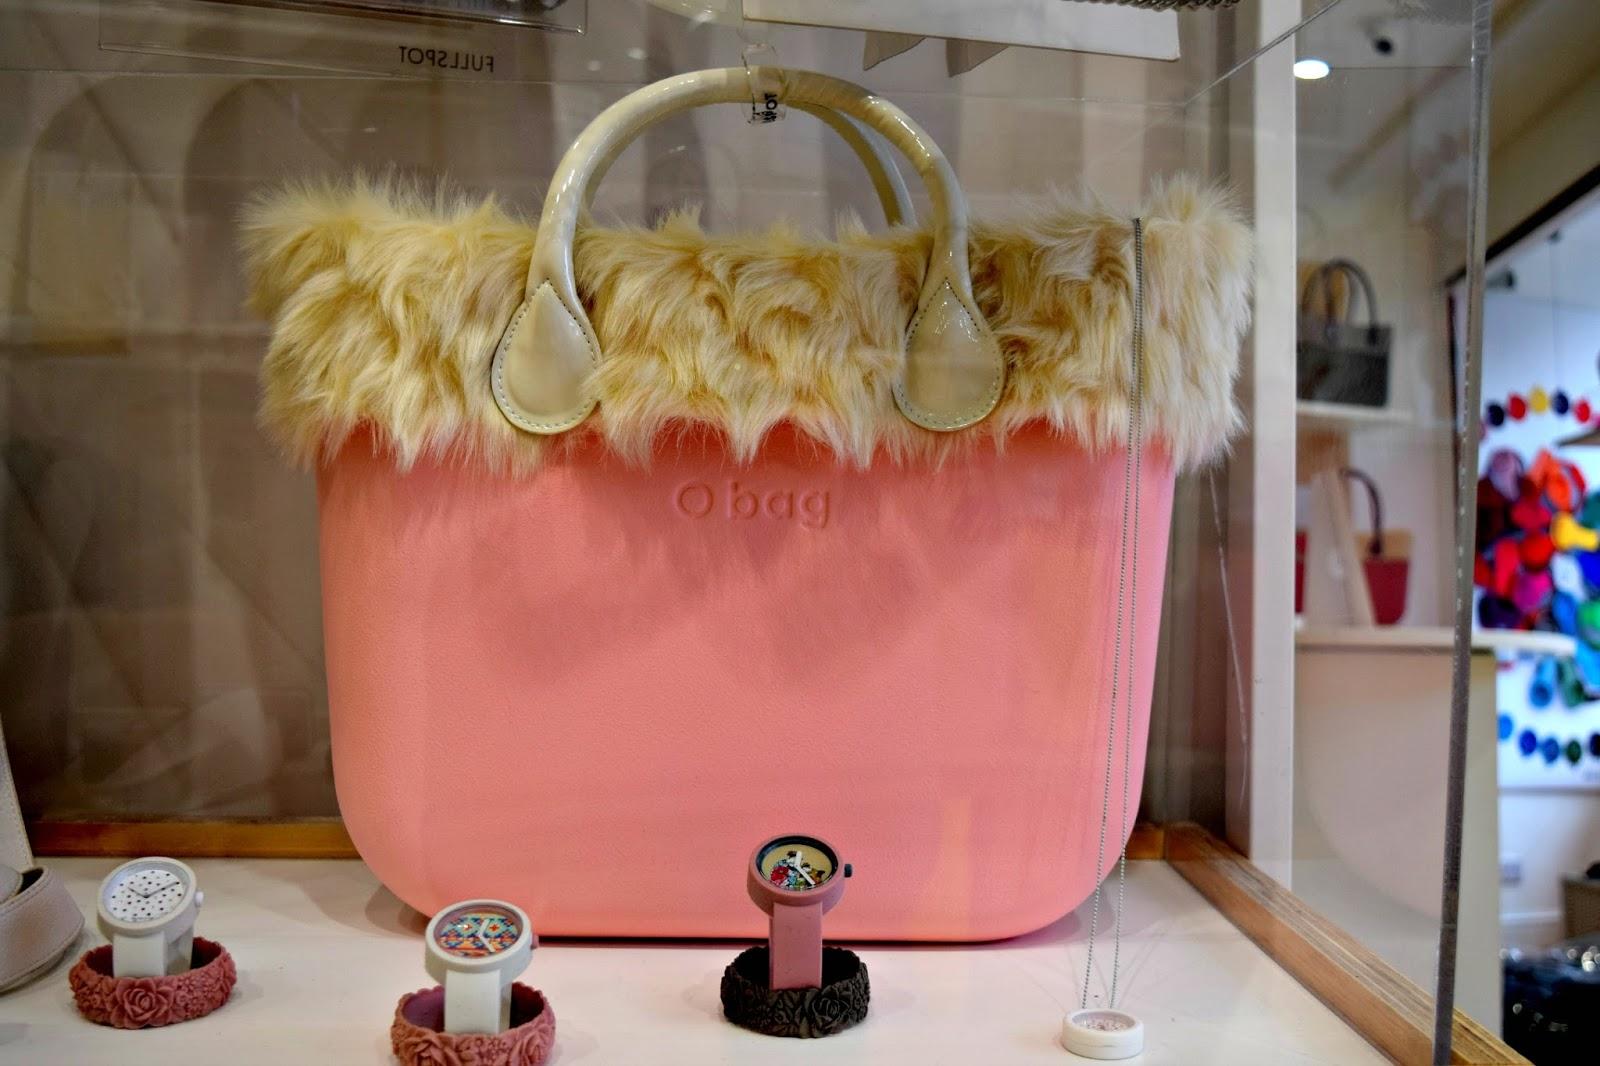 OBag Factory Bucket Handbag